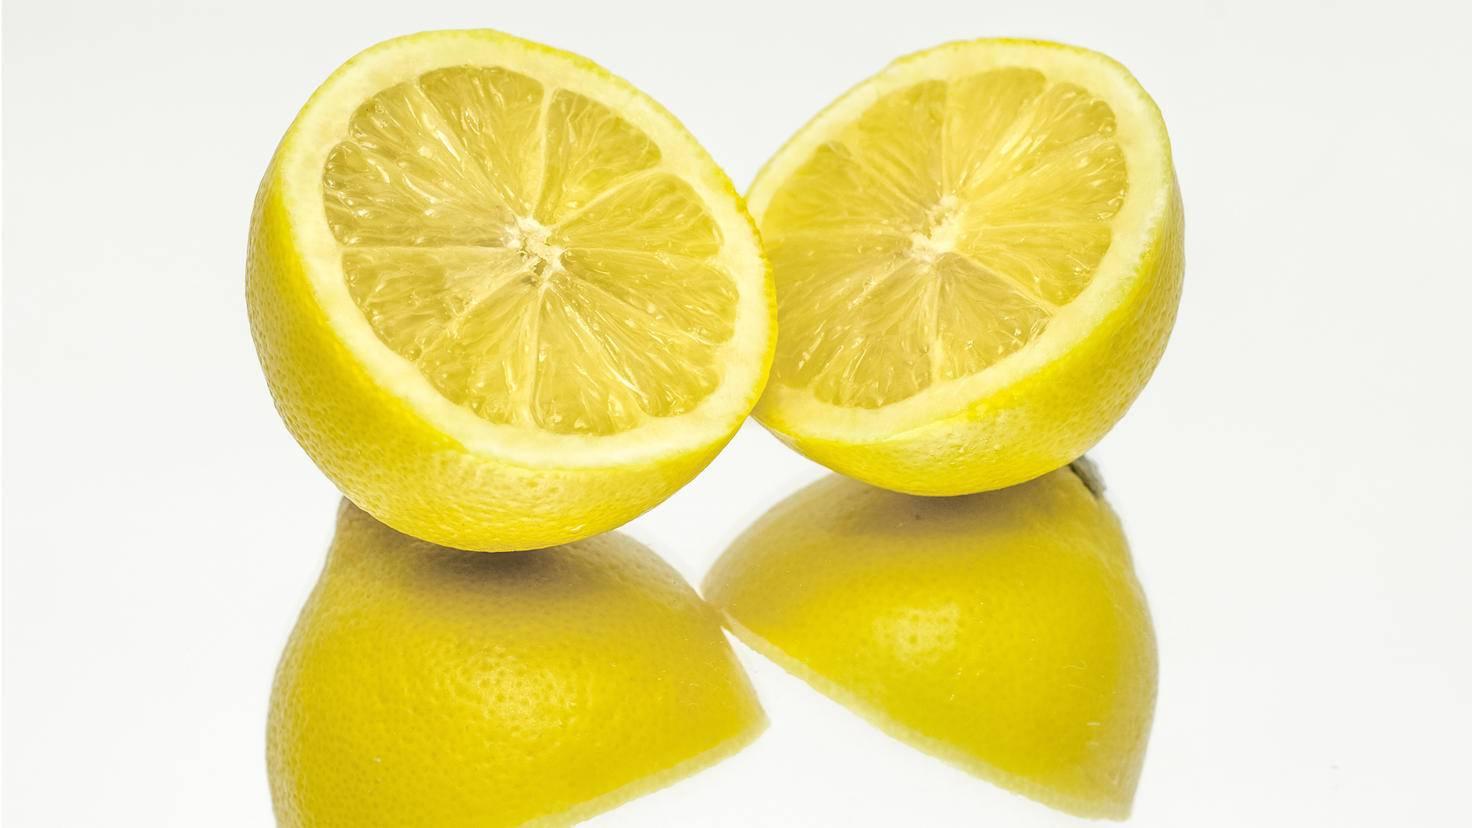 Zitrone gepaart mit Backpulver sagt Flecken den Kampf an.